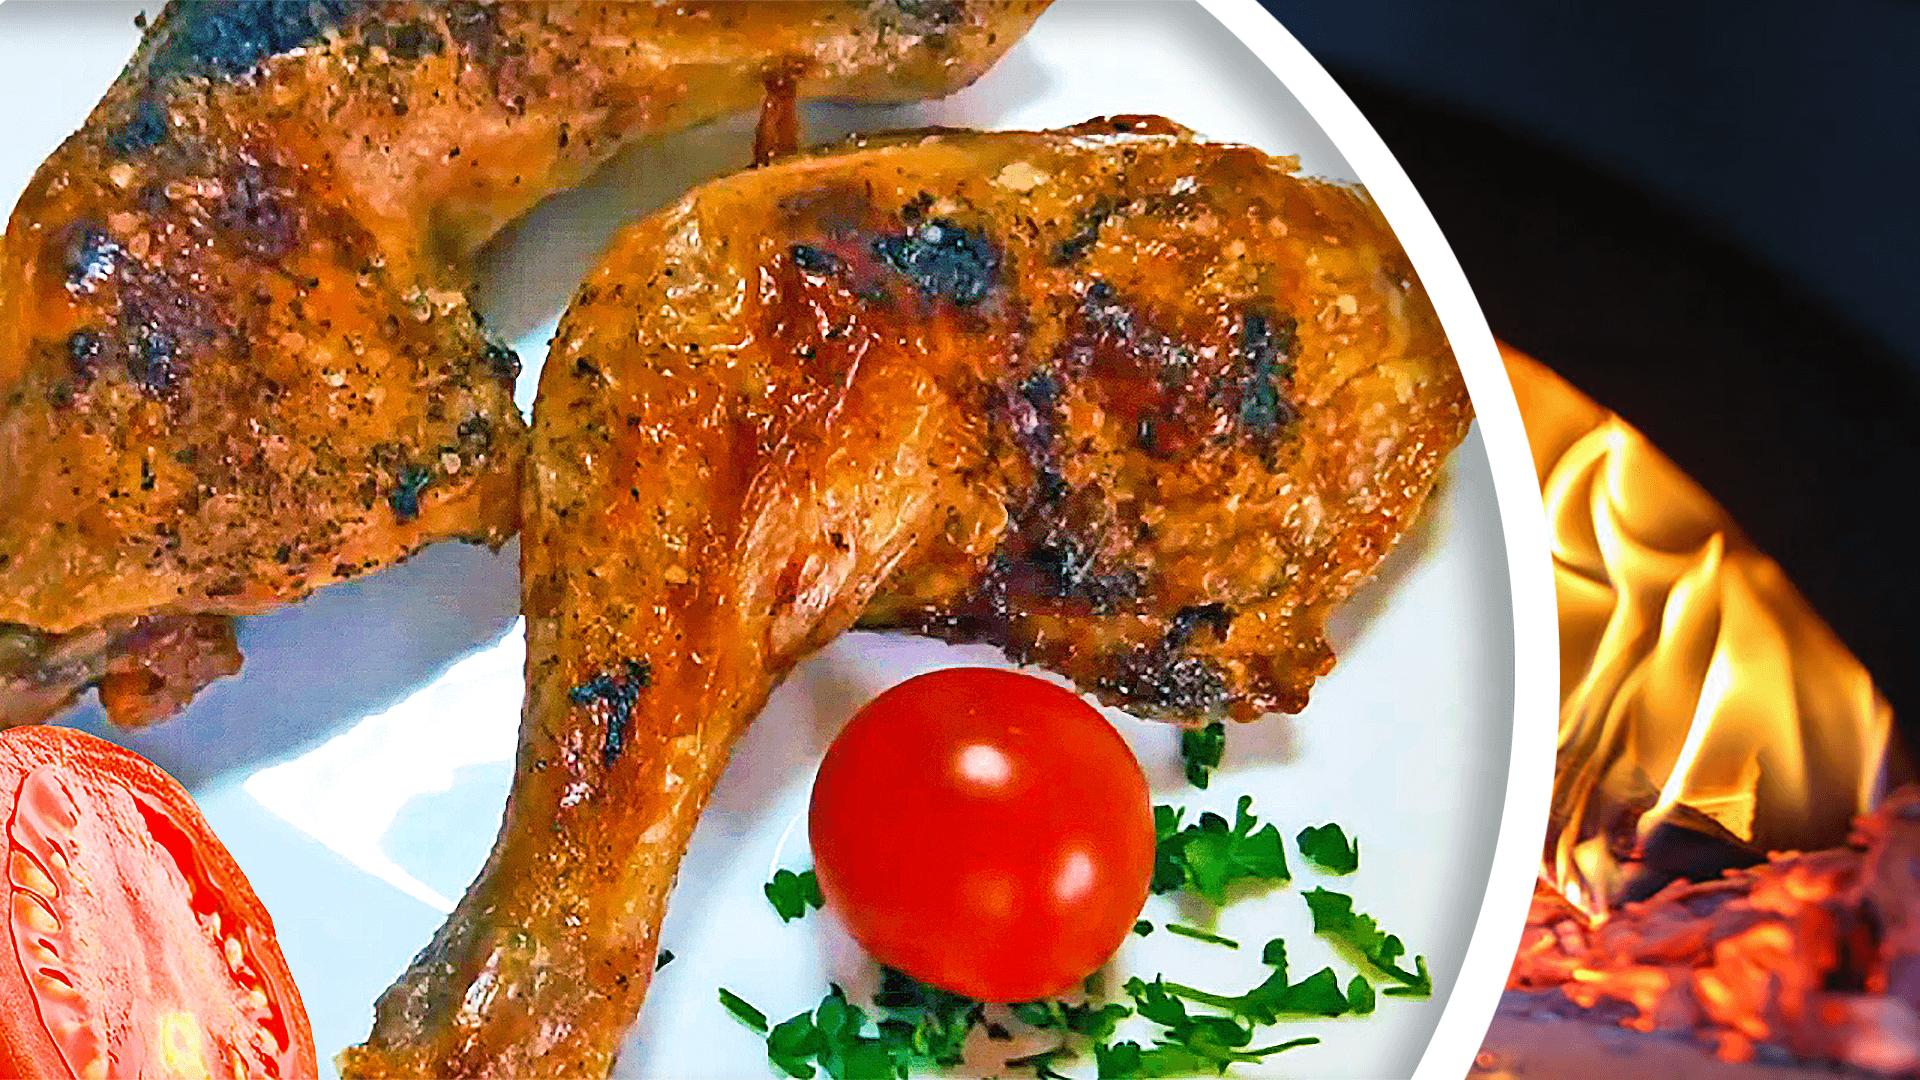 Basic Oven-Baked Chicken Legs